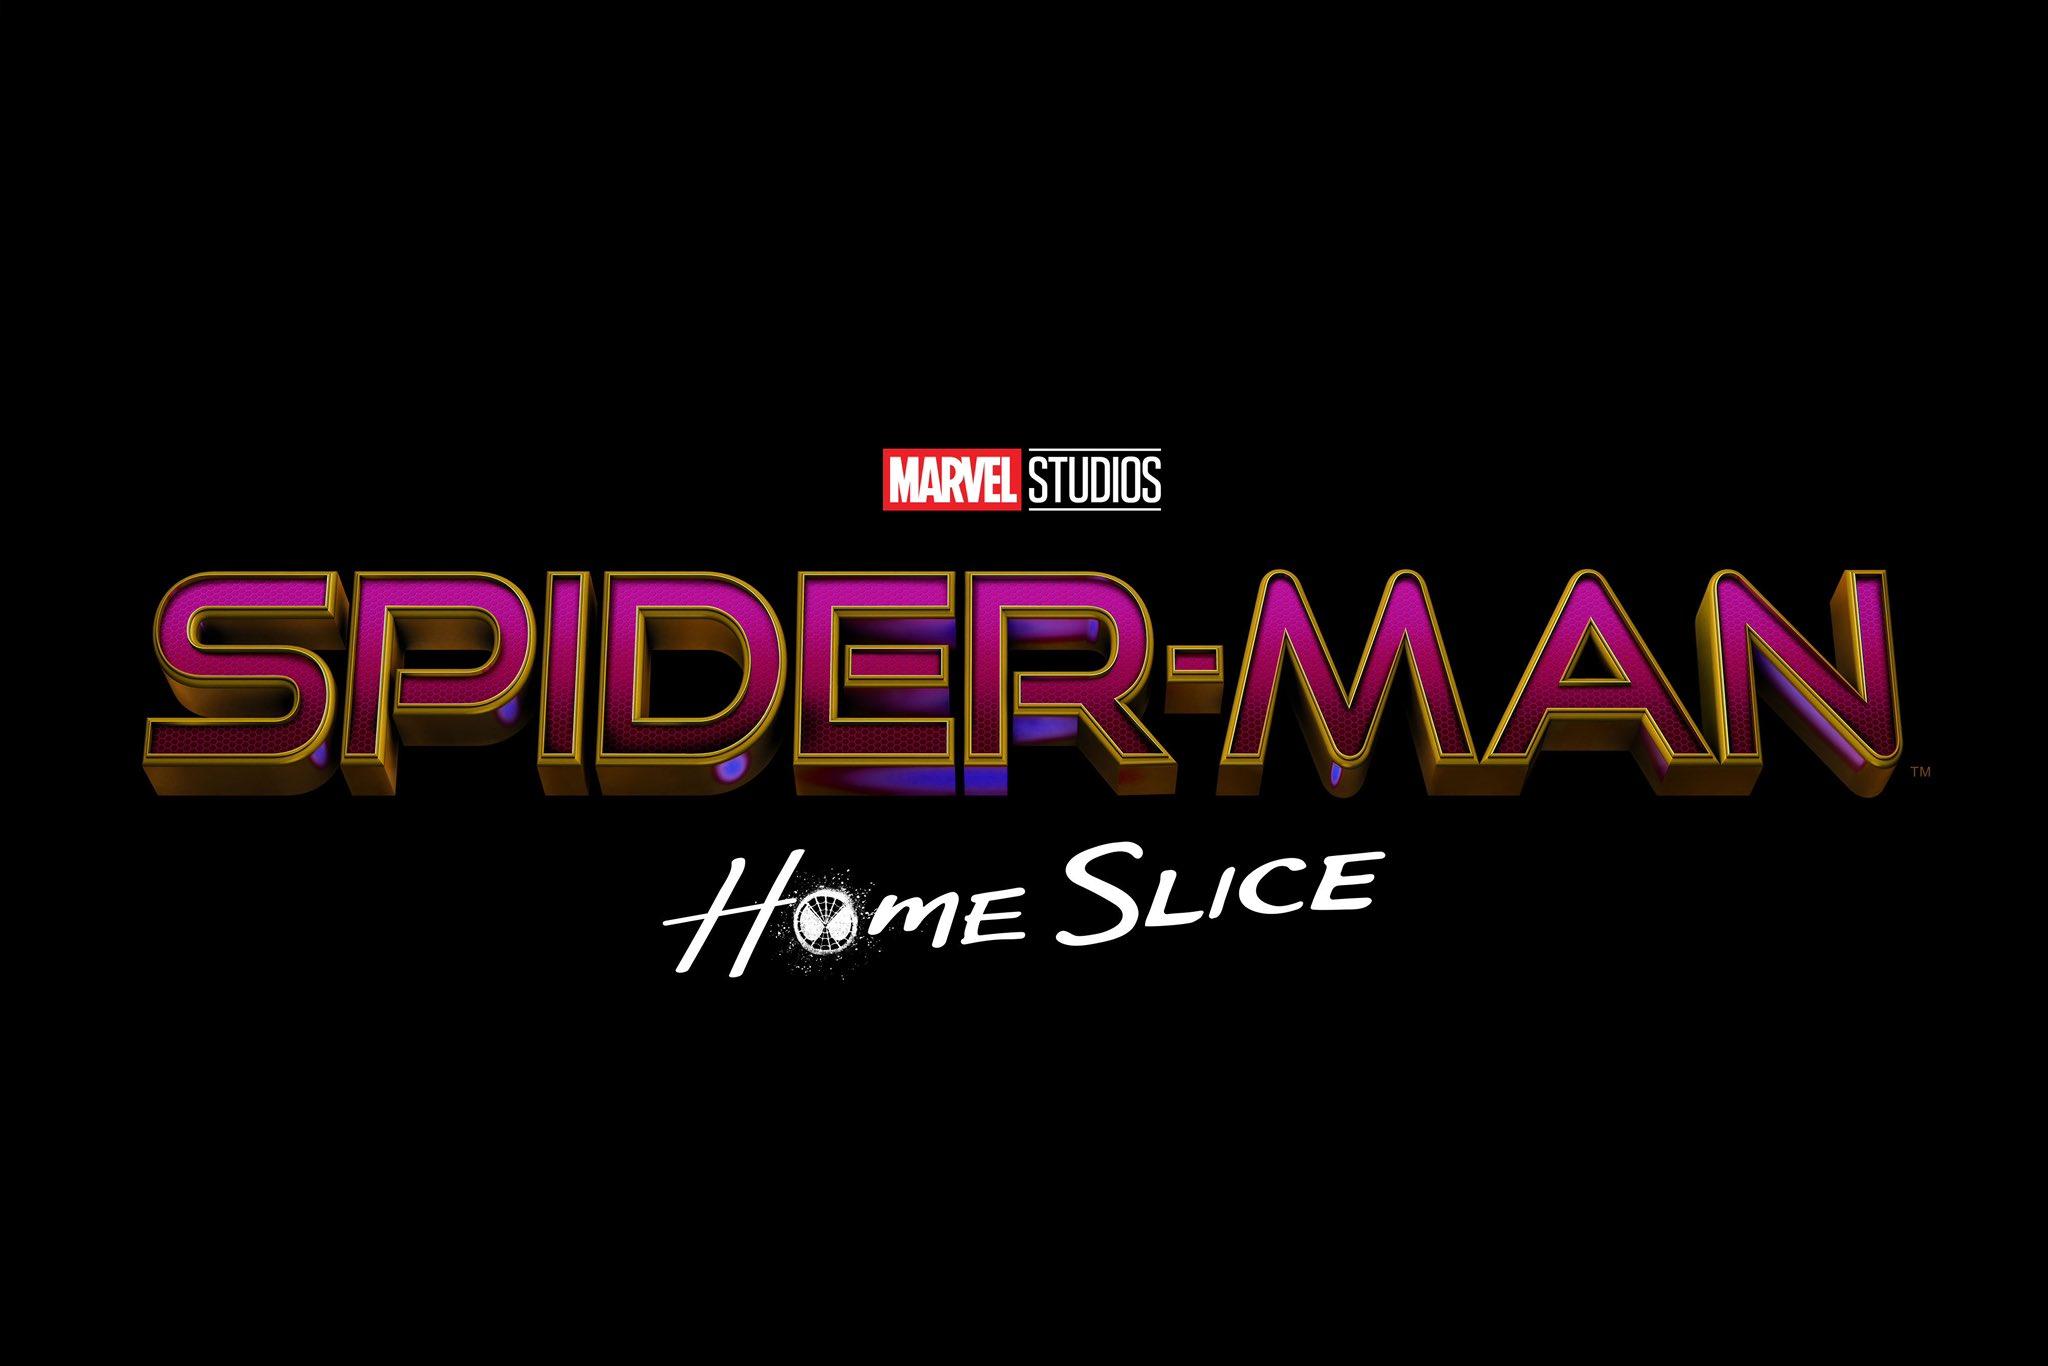 Spider-Man: Home Slice